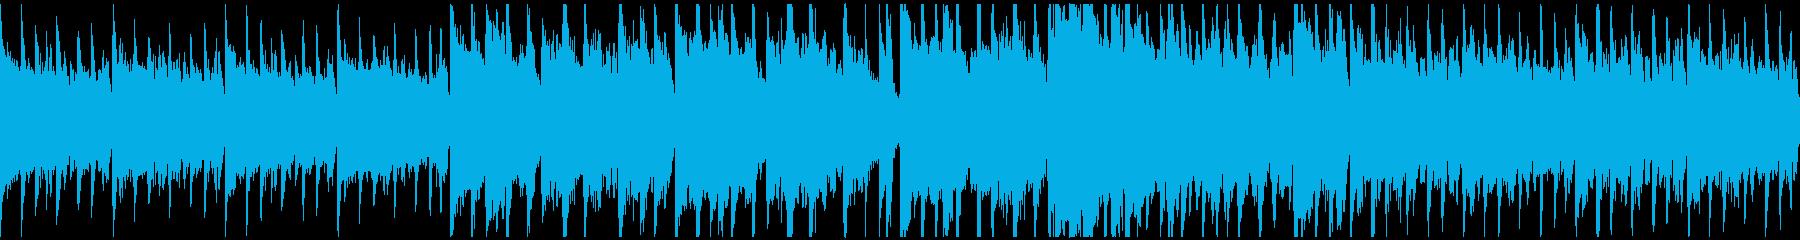 サックスとピアノのミディアムPOPSの再生済みの波形